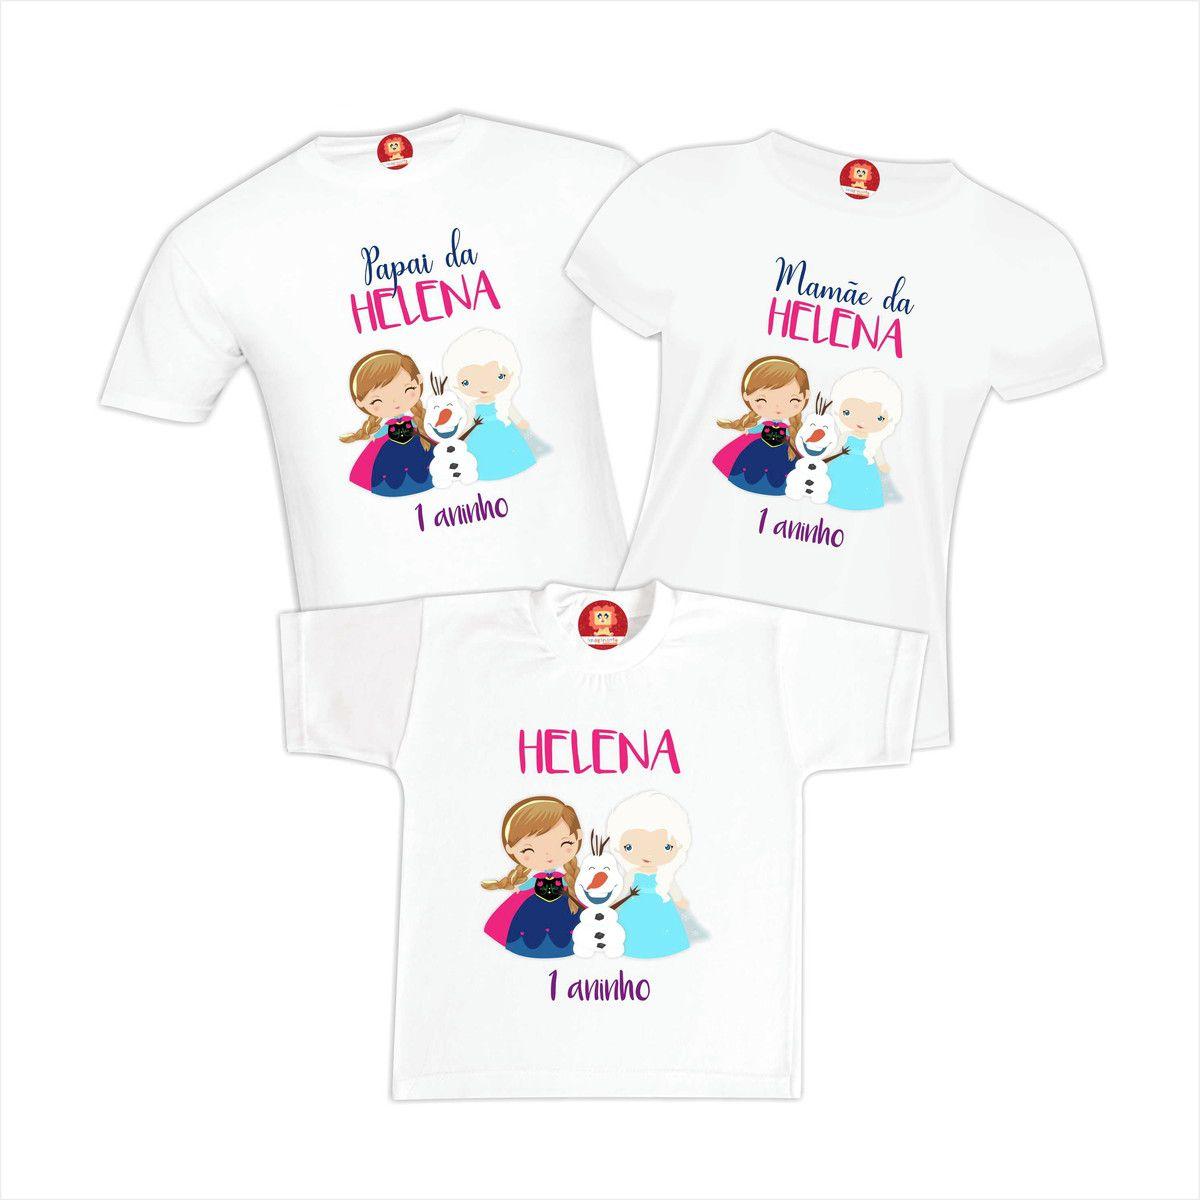 Kit Camisetas Festa Frozen Princesa